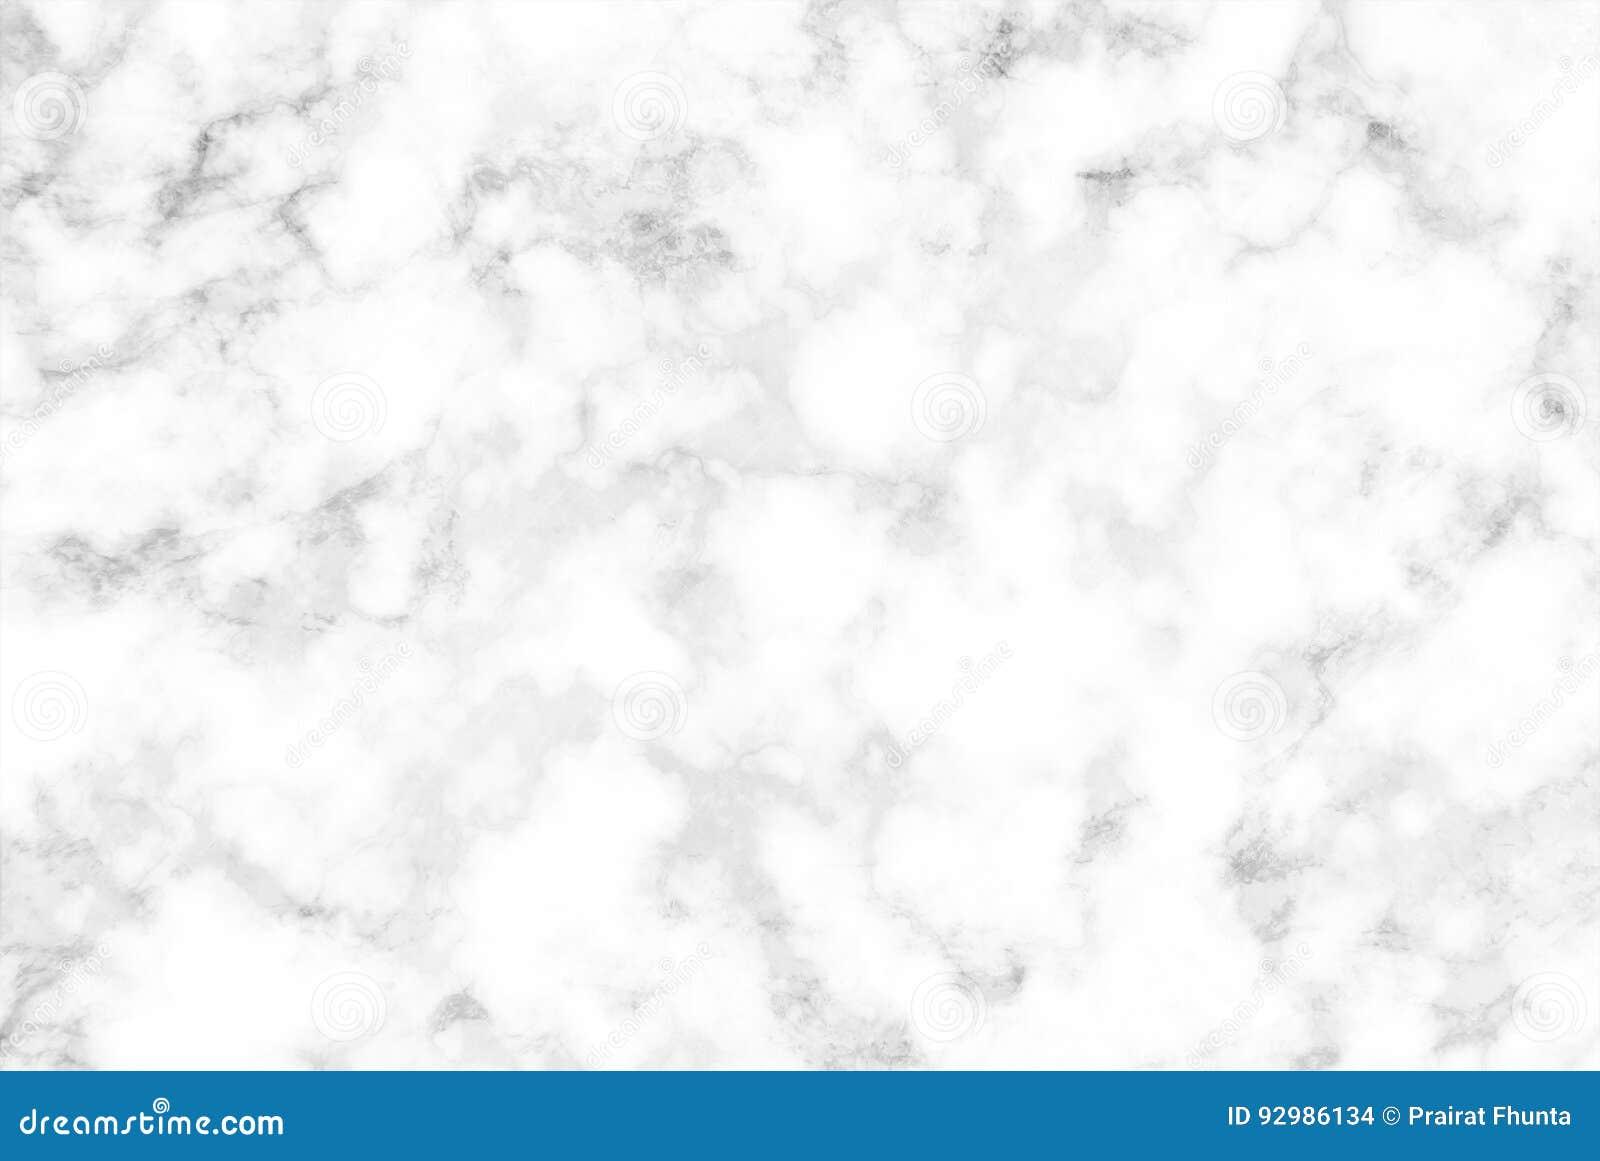 Texture blanche et grise de marbre de nuage